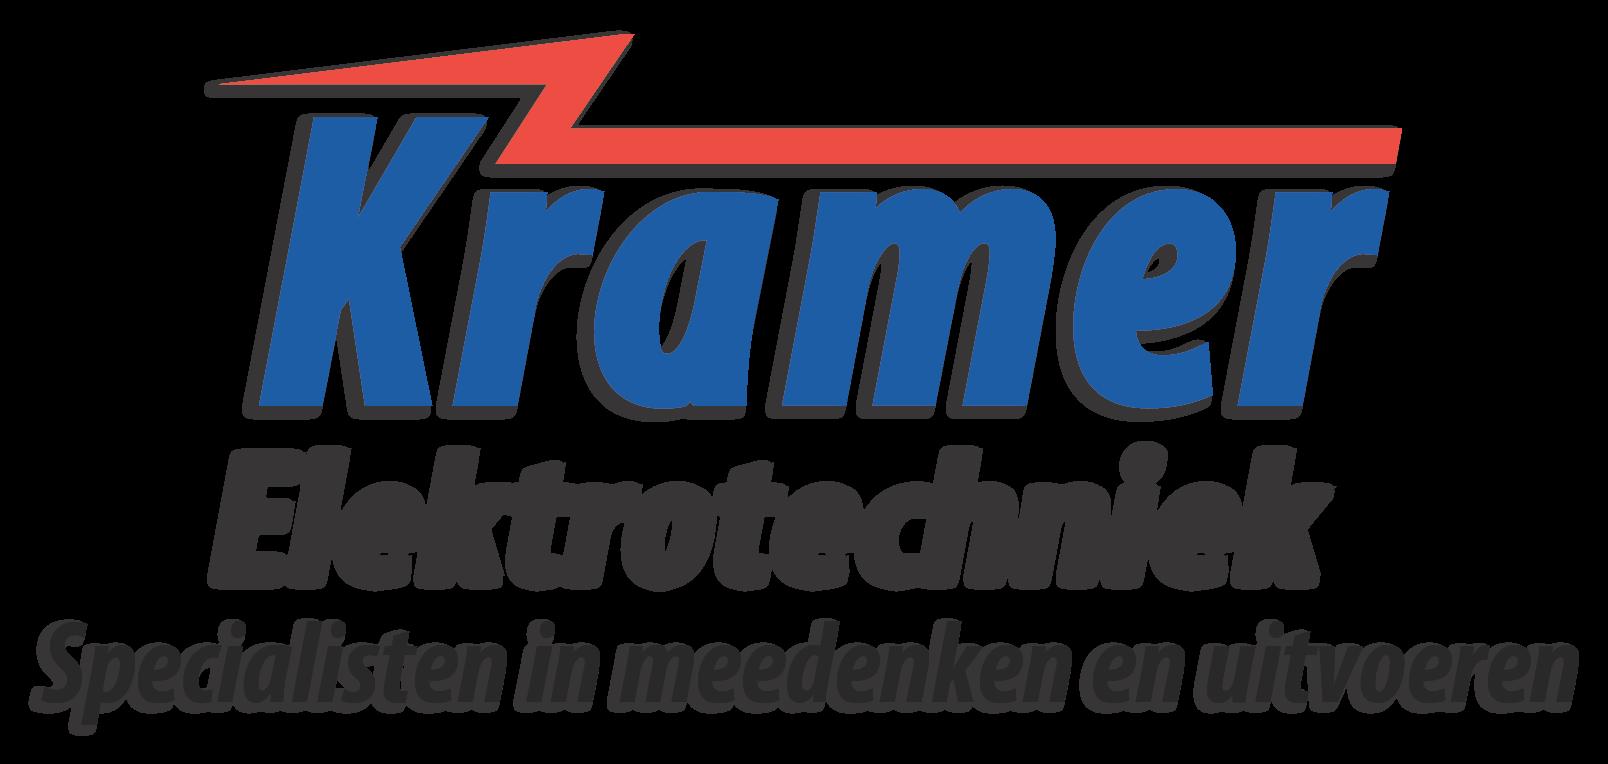 Kramer Elektrotechniek